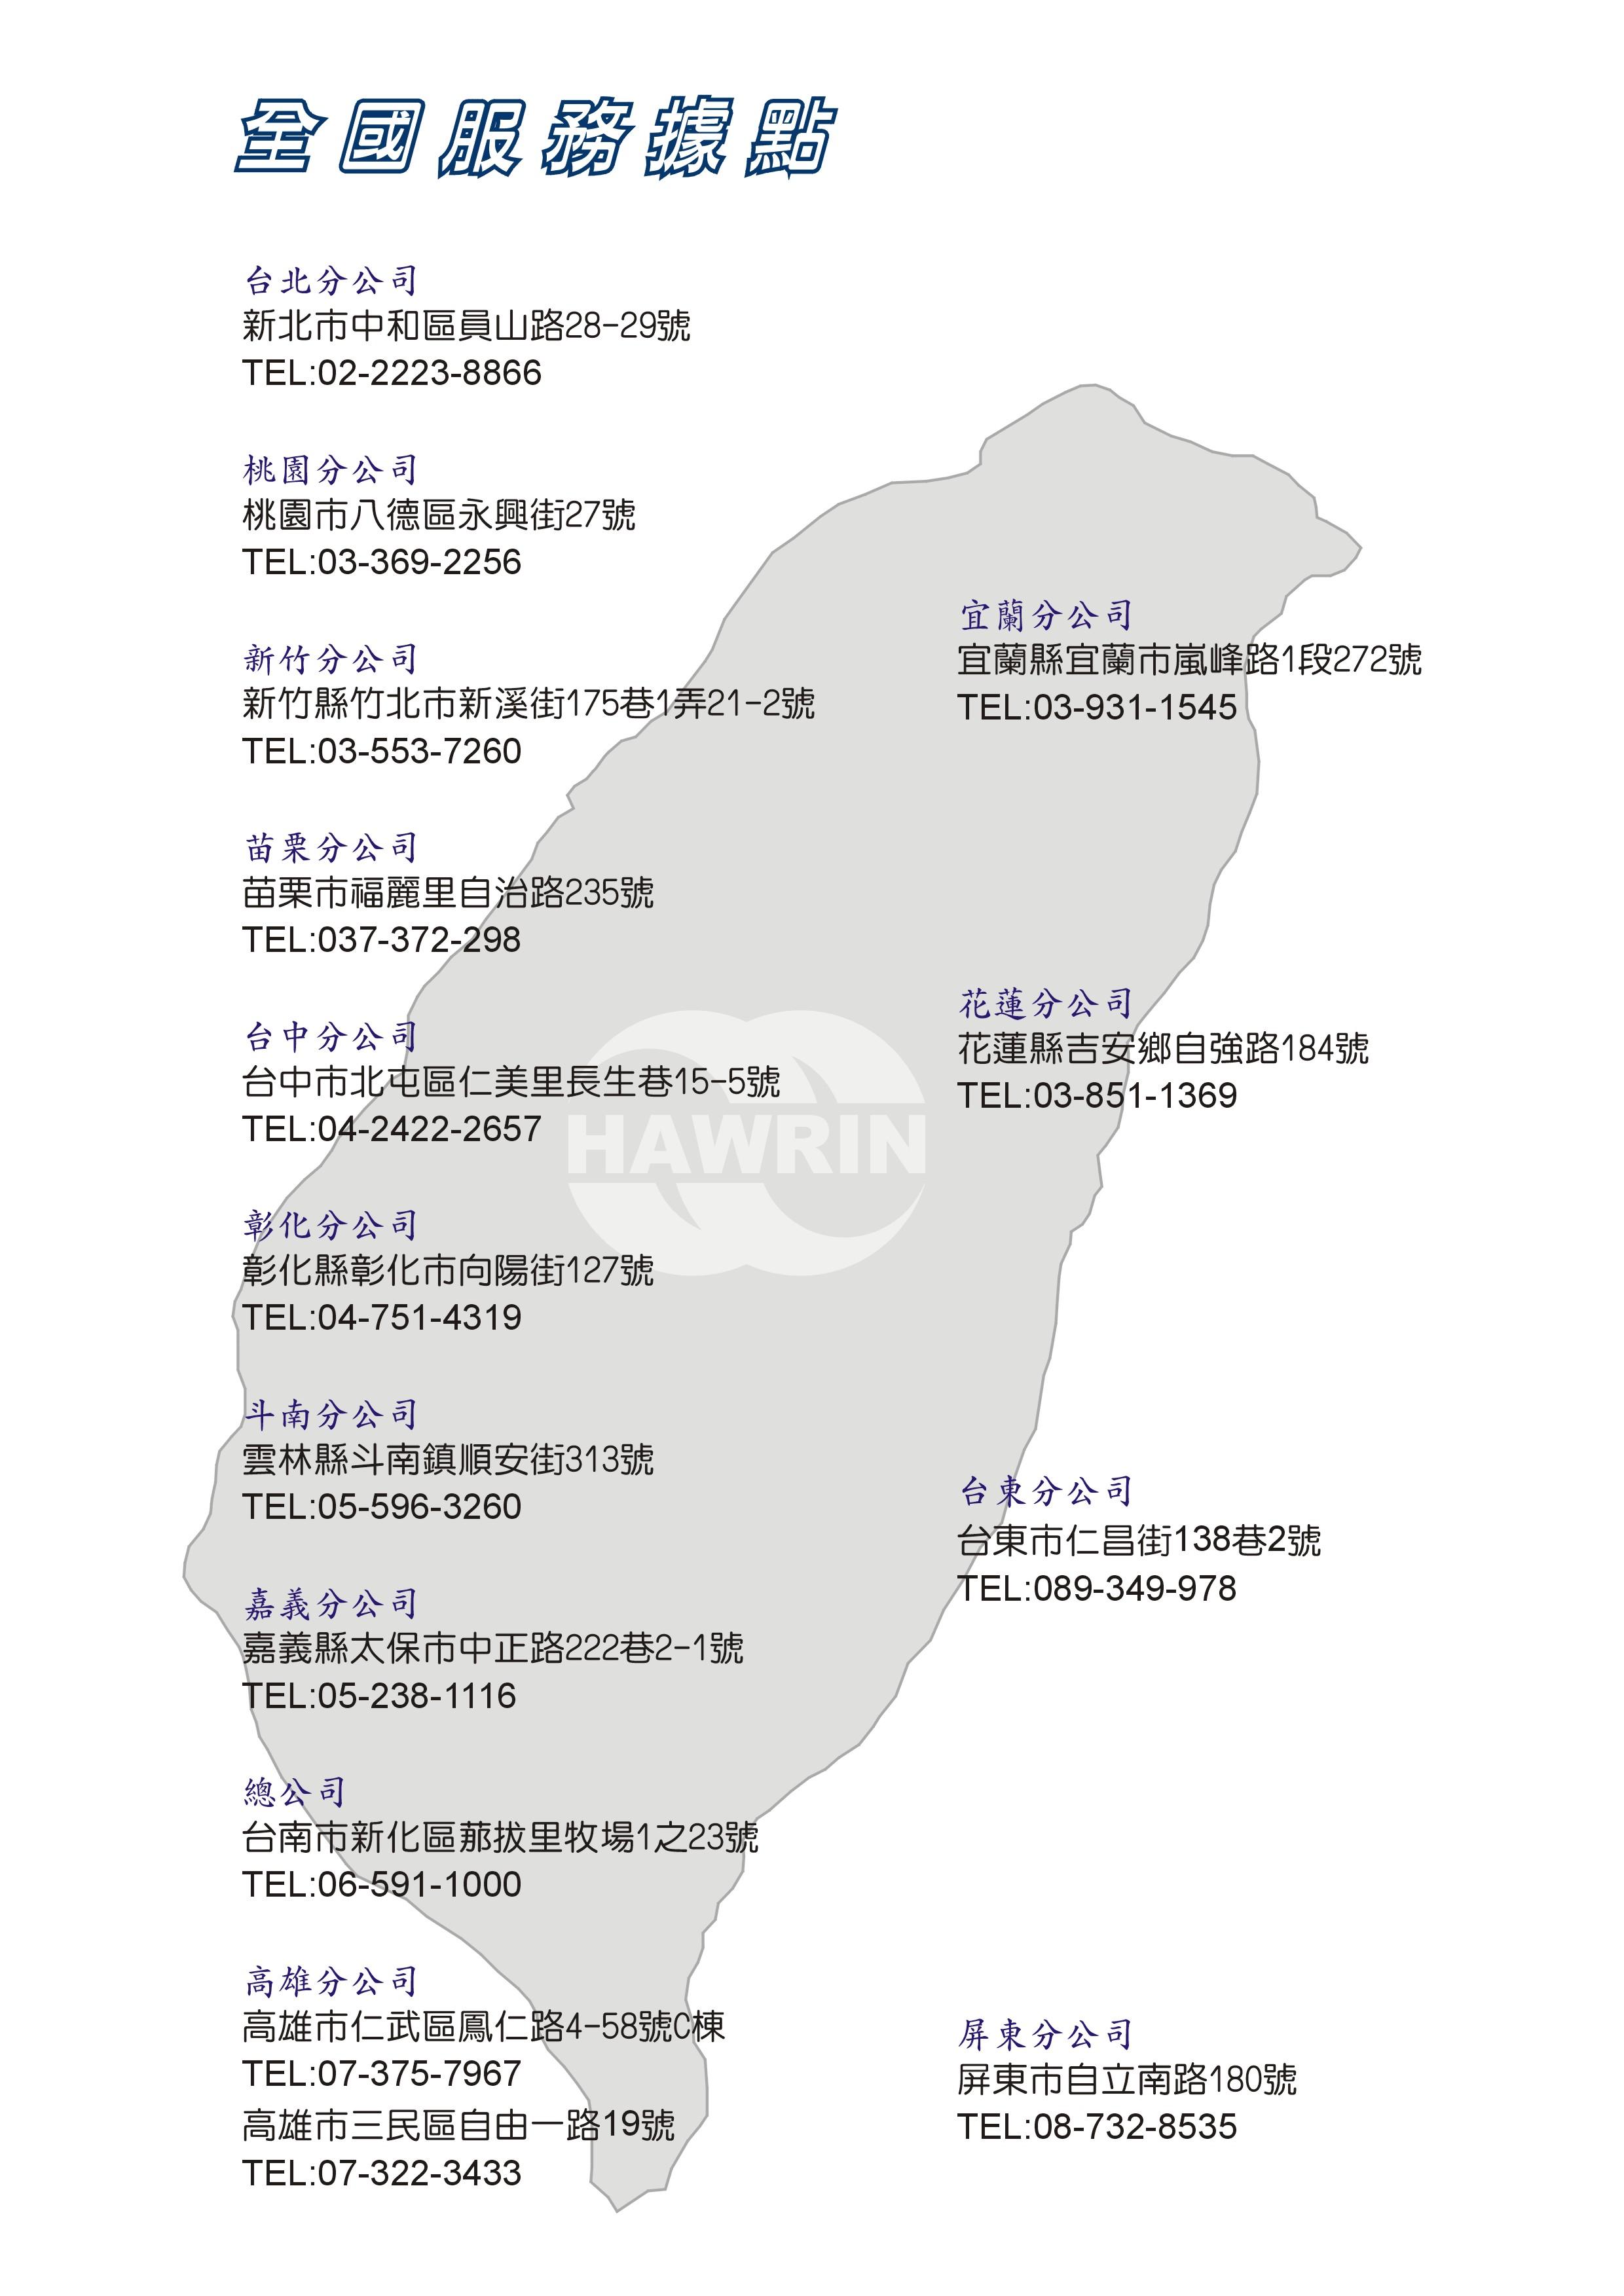 全國服務據點.jpg